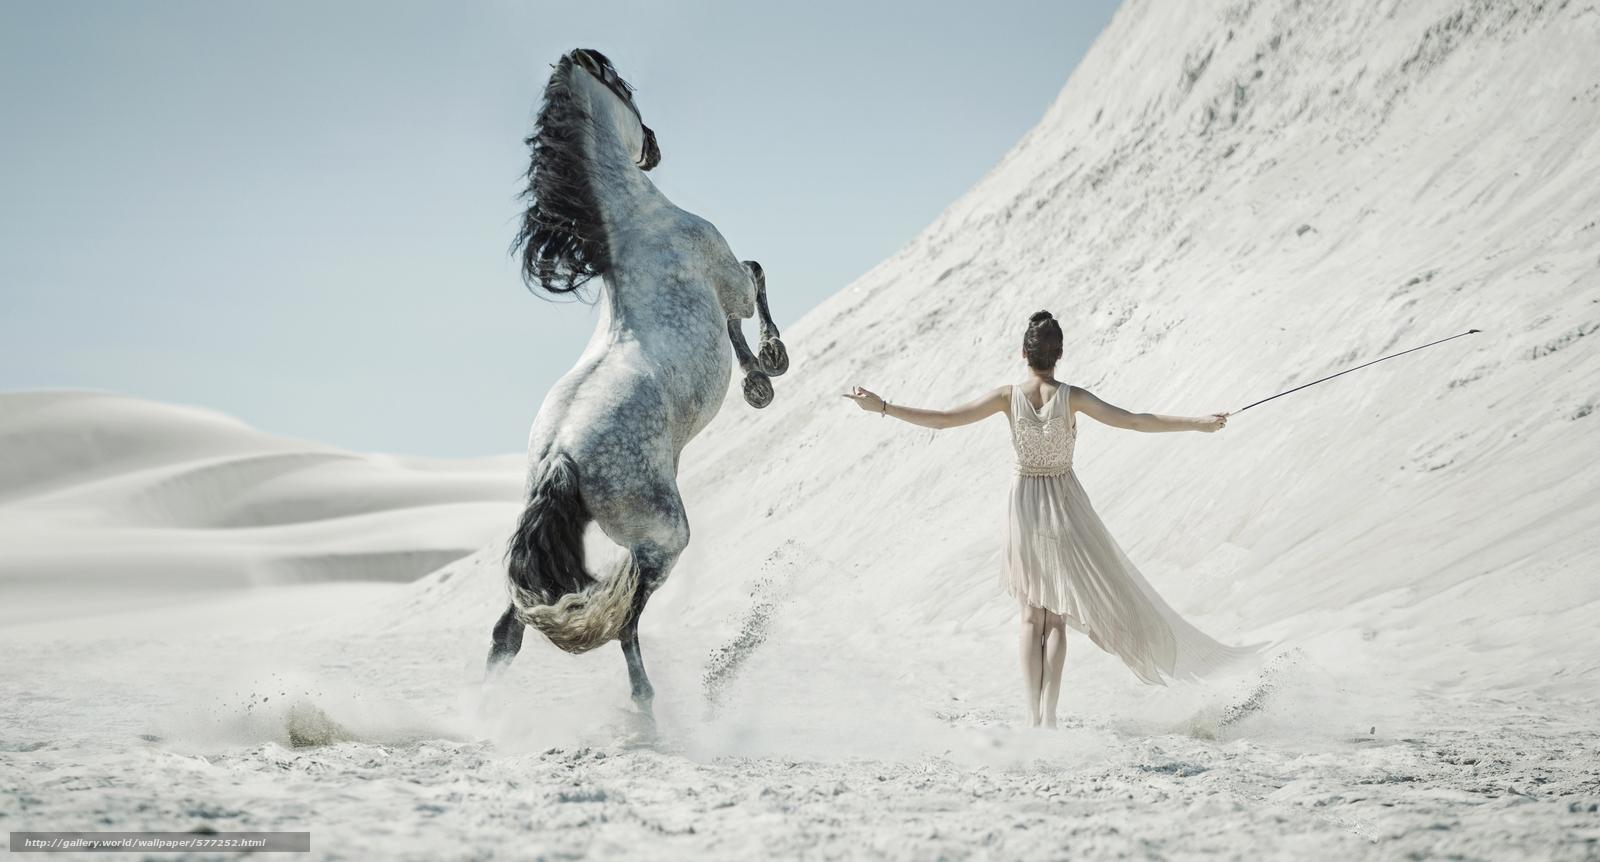 Скачать обои конь,  девушка,  песок,  пустыня бесплатно для рабочего стола в разрешении 6000x3233 — картинка №577252